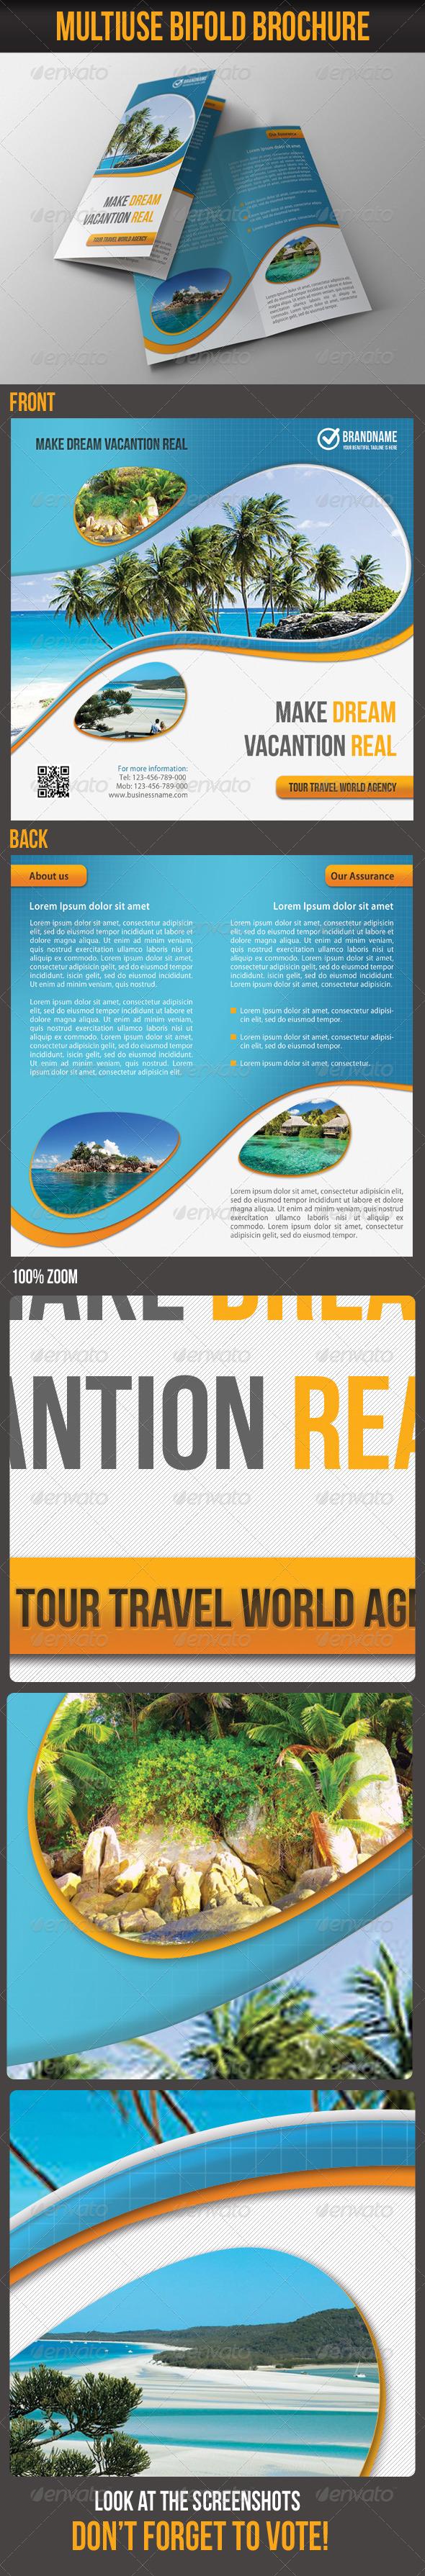 Multiuse Bifold Brochure 04 - Corporate Brochures